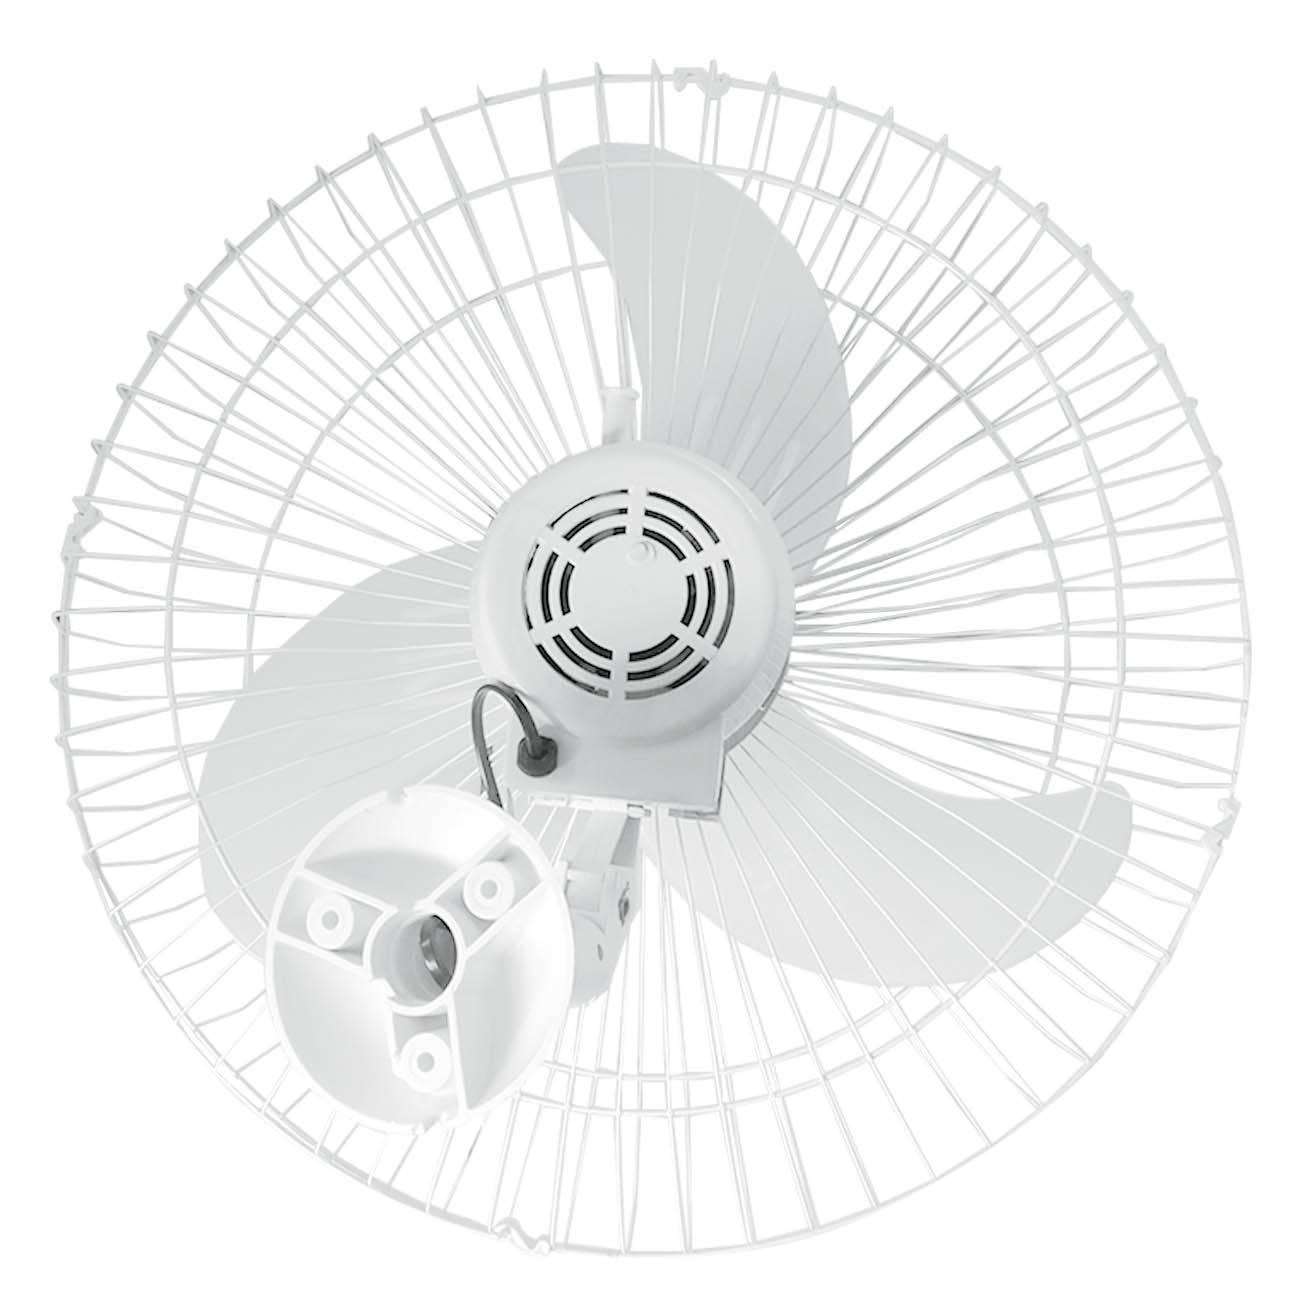 Ventilador de Parede Oscilante 60cm Branco Turbão 200W Bivo - LCGELETRO